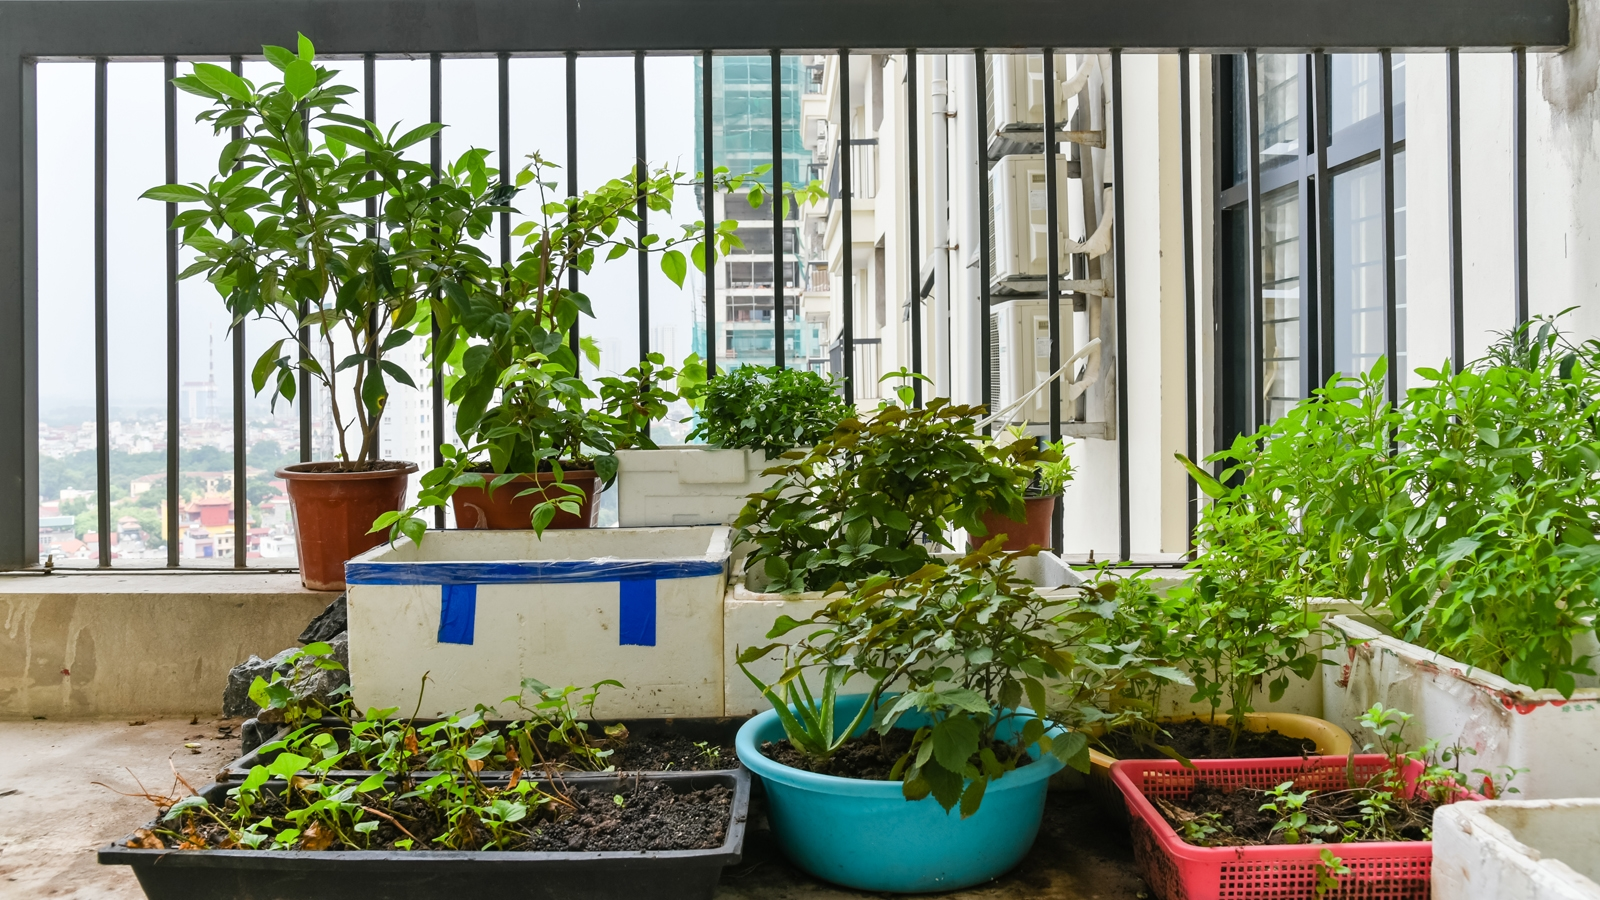 Piante Aromatiche Terrazzo : Verdure e piante aromatiche a km sul balcone pao